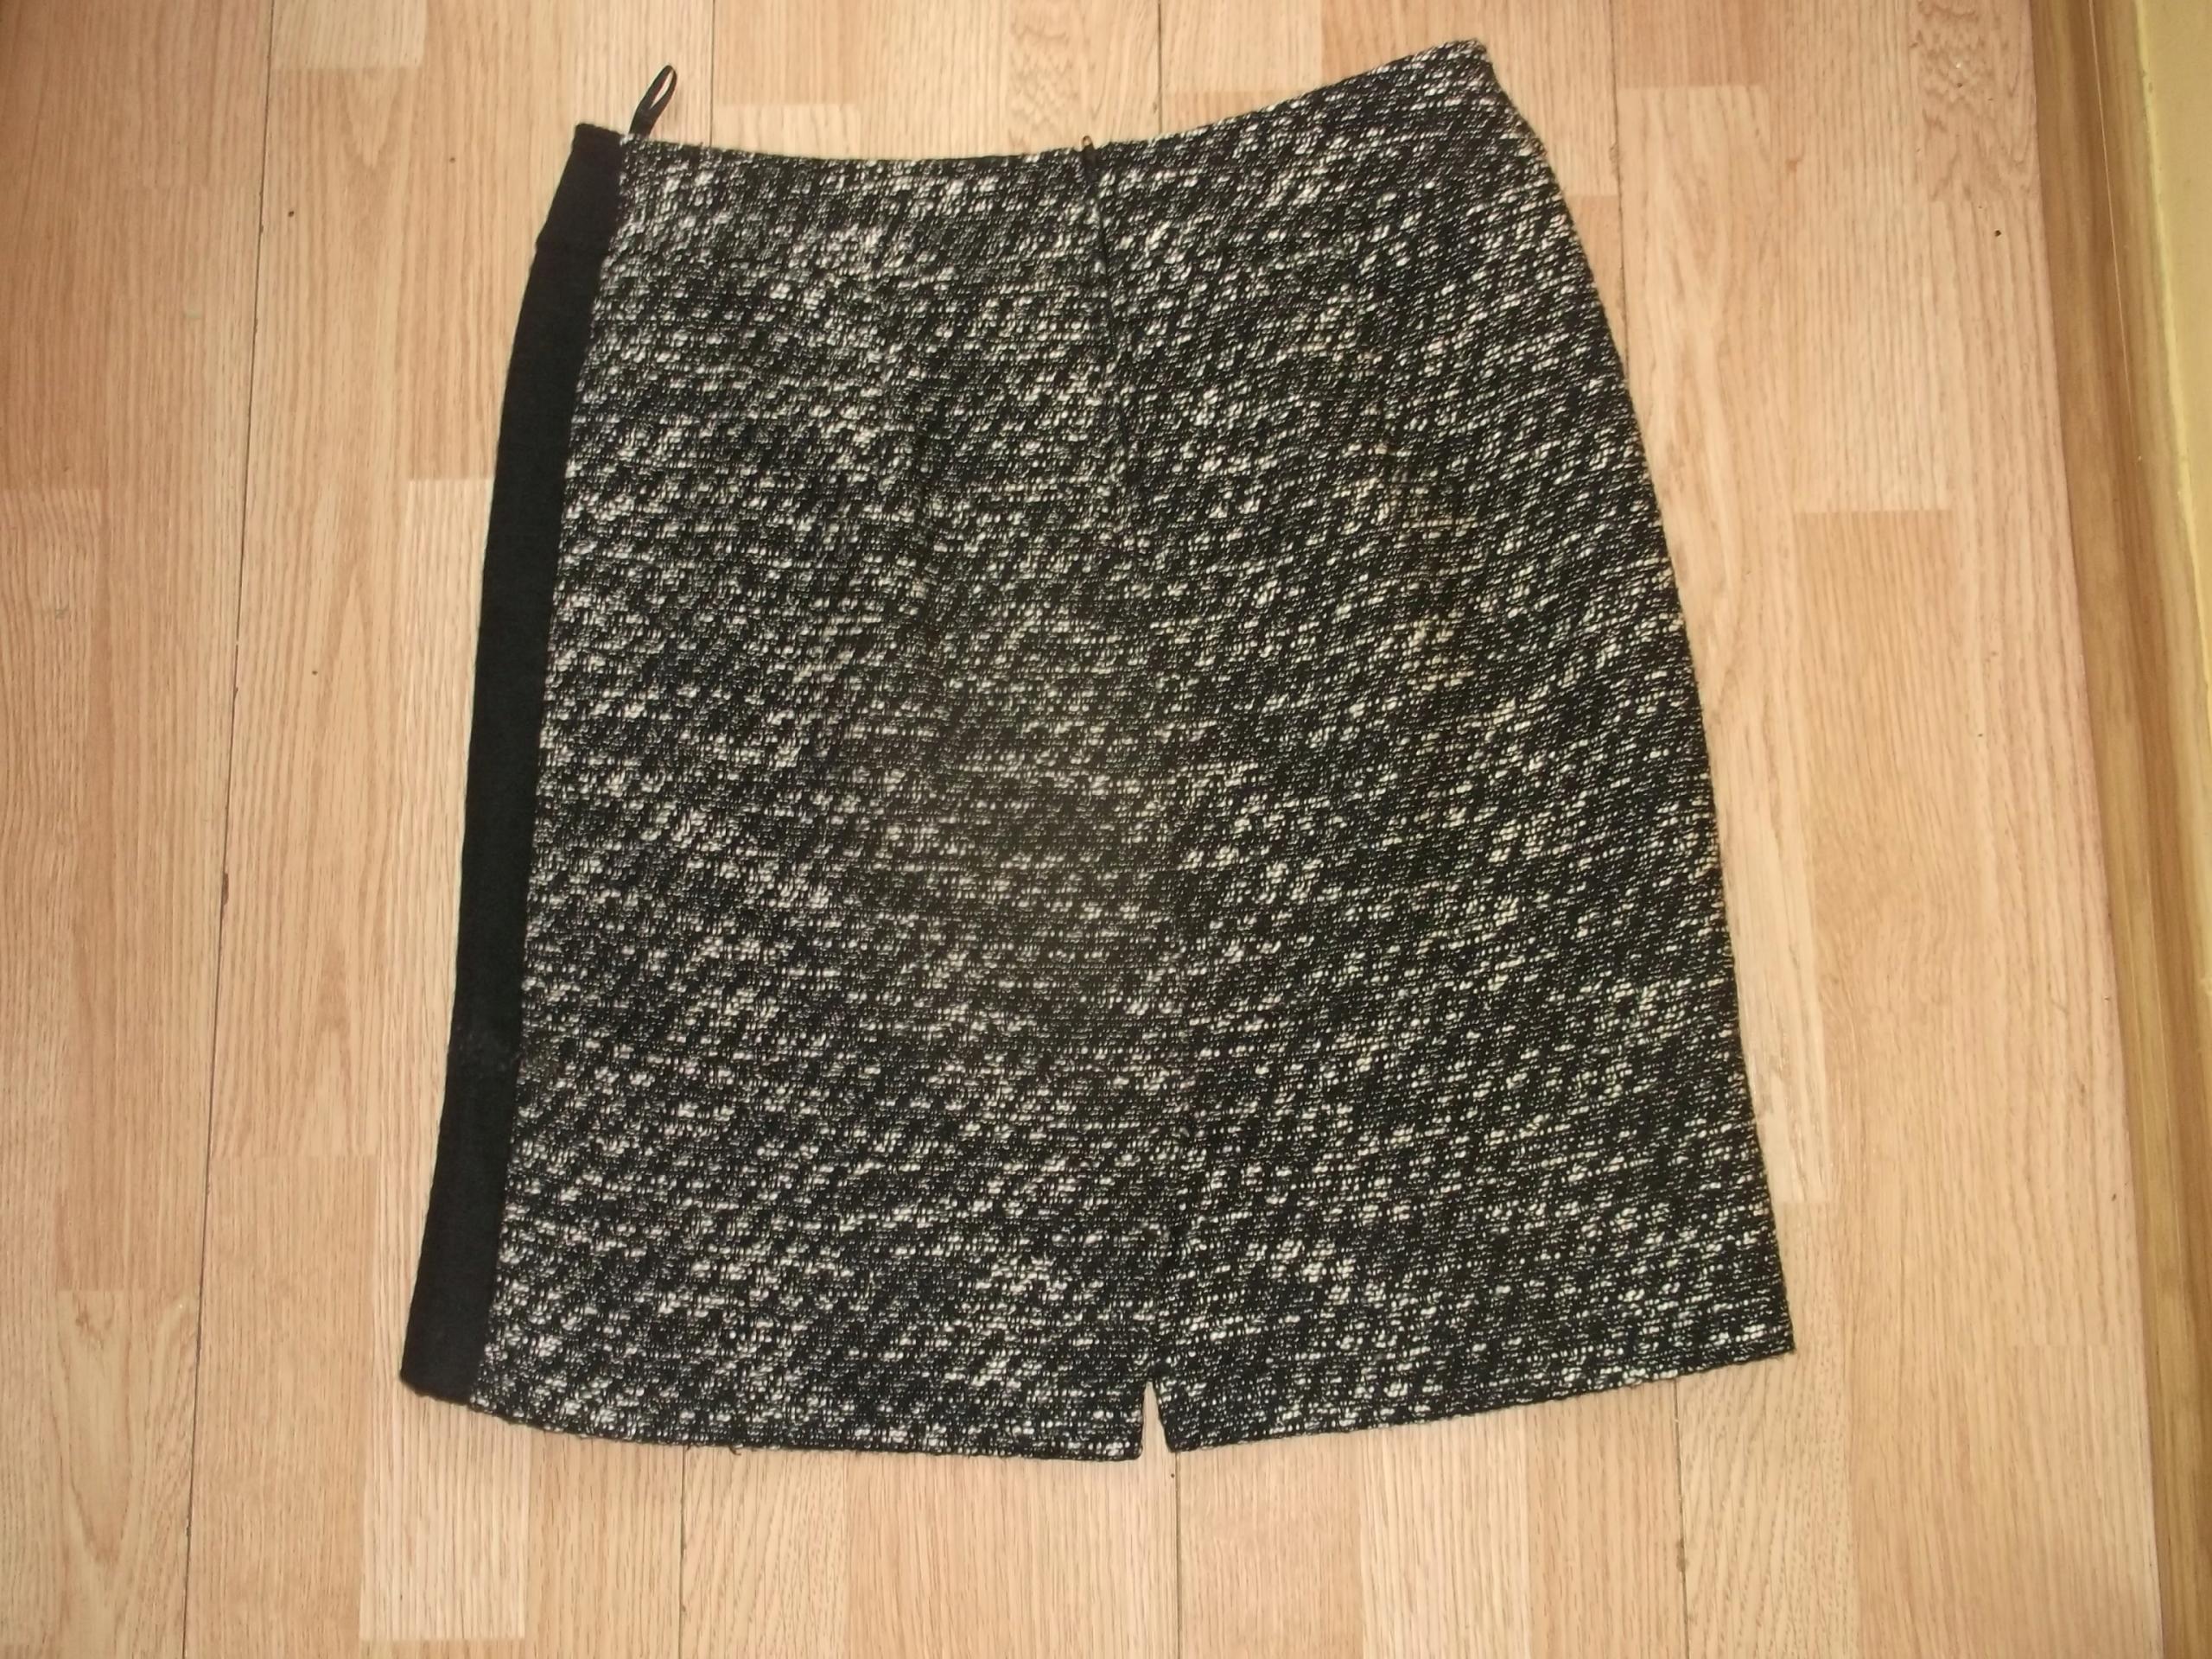 300577d6 STEILMANN ciepla spodnica na podszewce jak NOWA 42